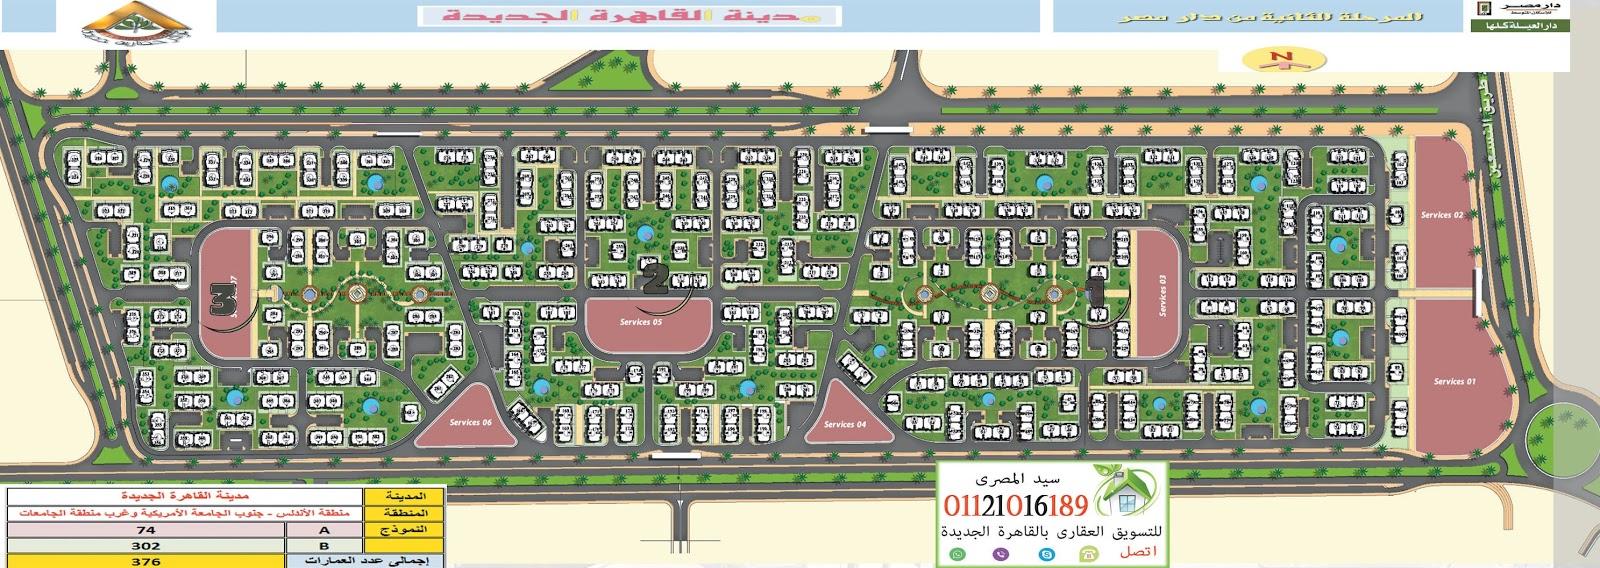 خرائط وكروكى دار مصر المرحلة الاولى والثانية بالاندلس والقرنفل